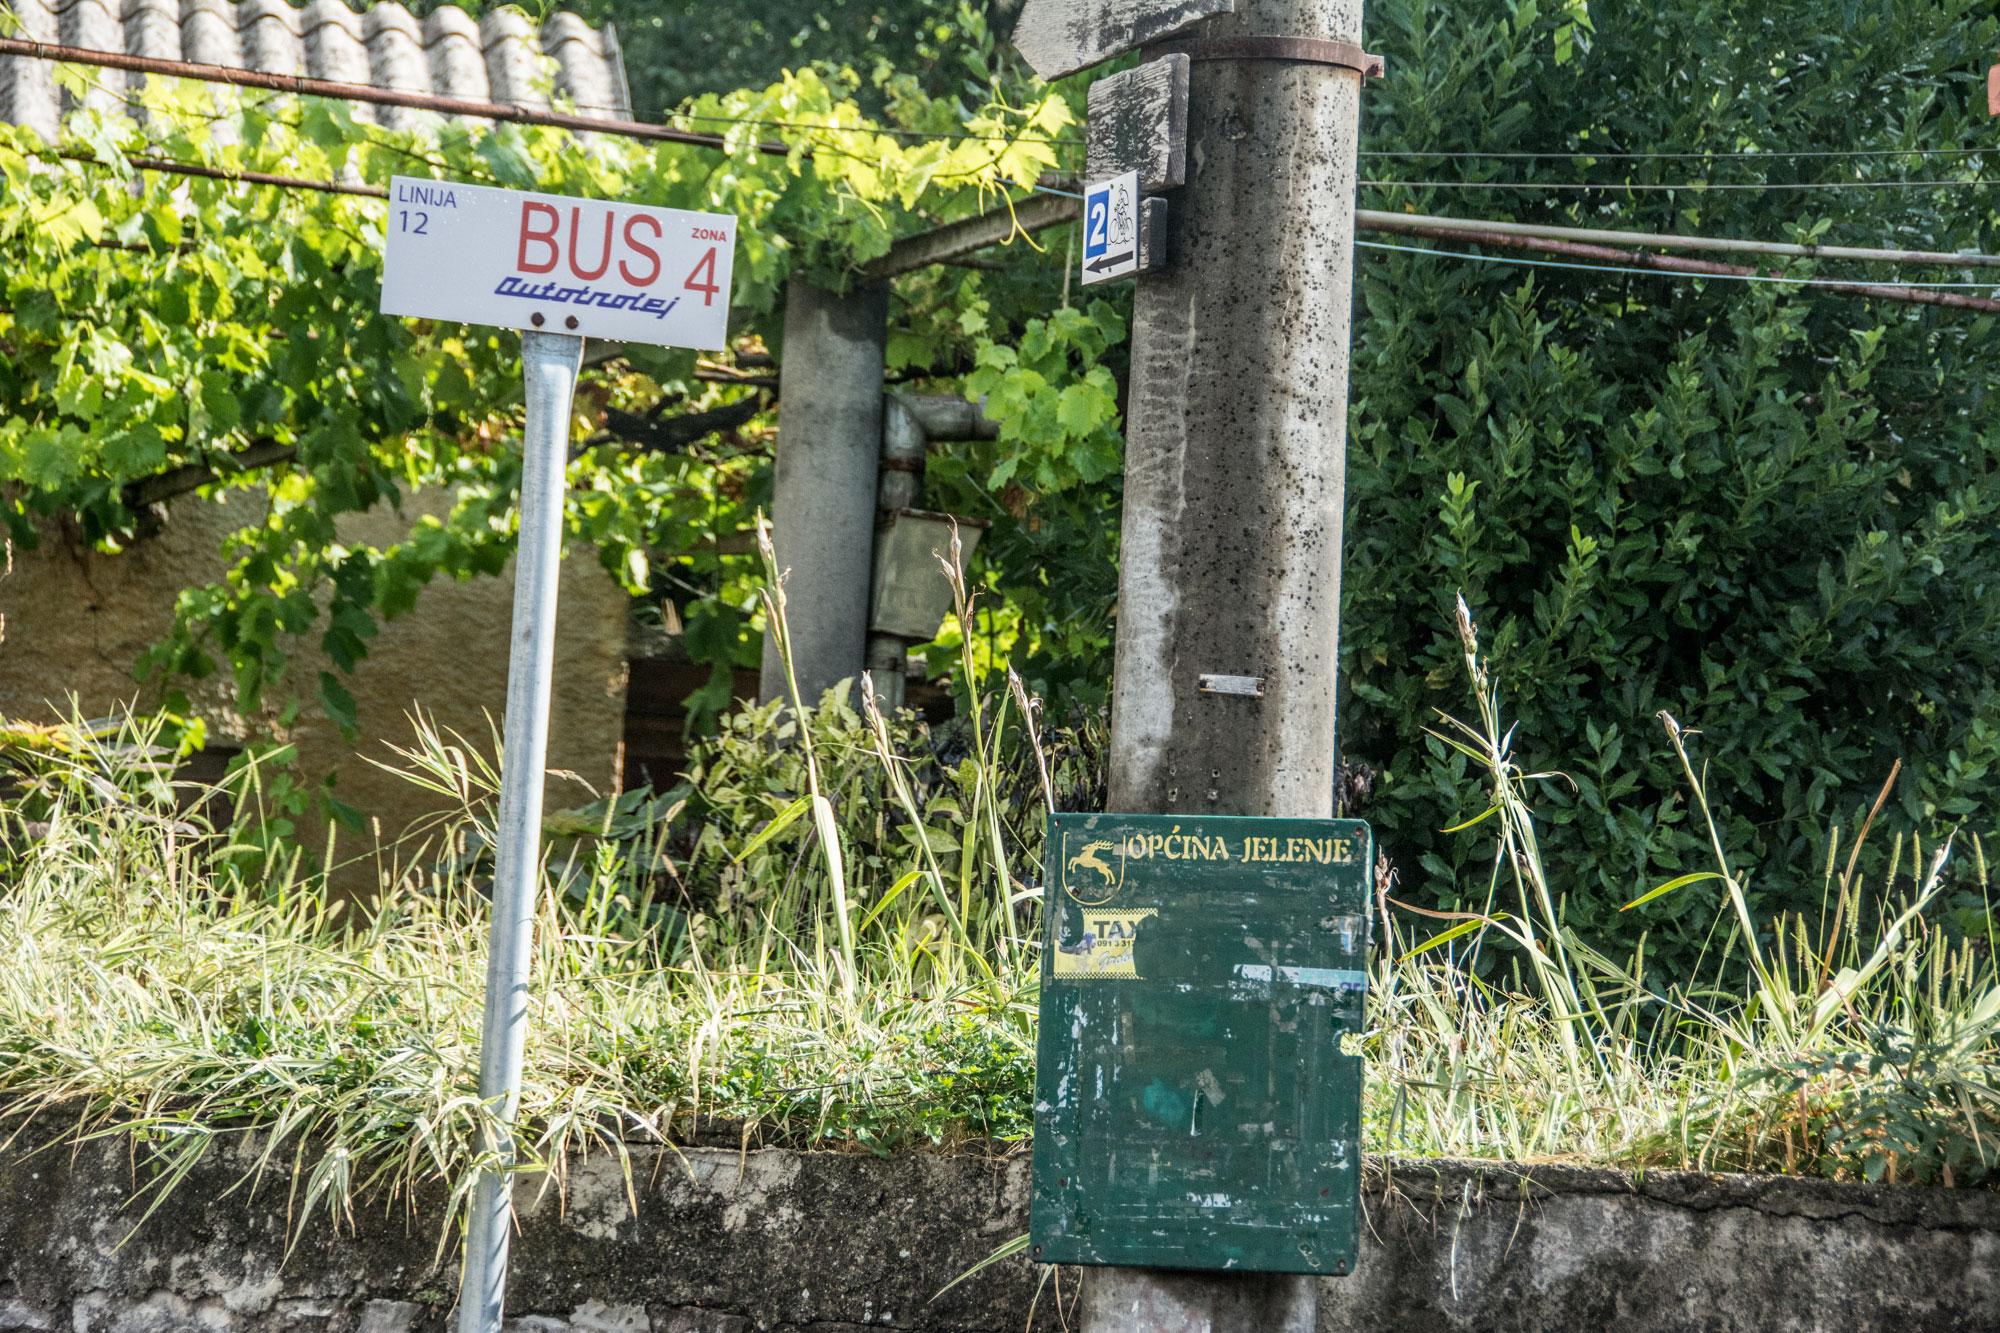 Lukeži - mjesto bez autobusne linije u ljetnim mjesecima i praznicima